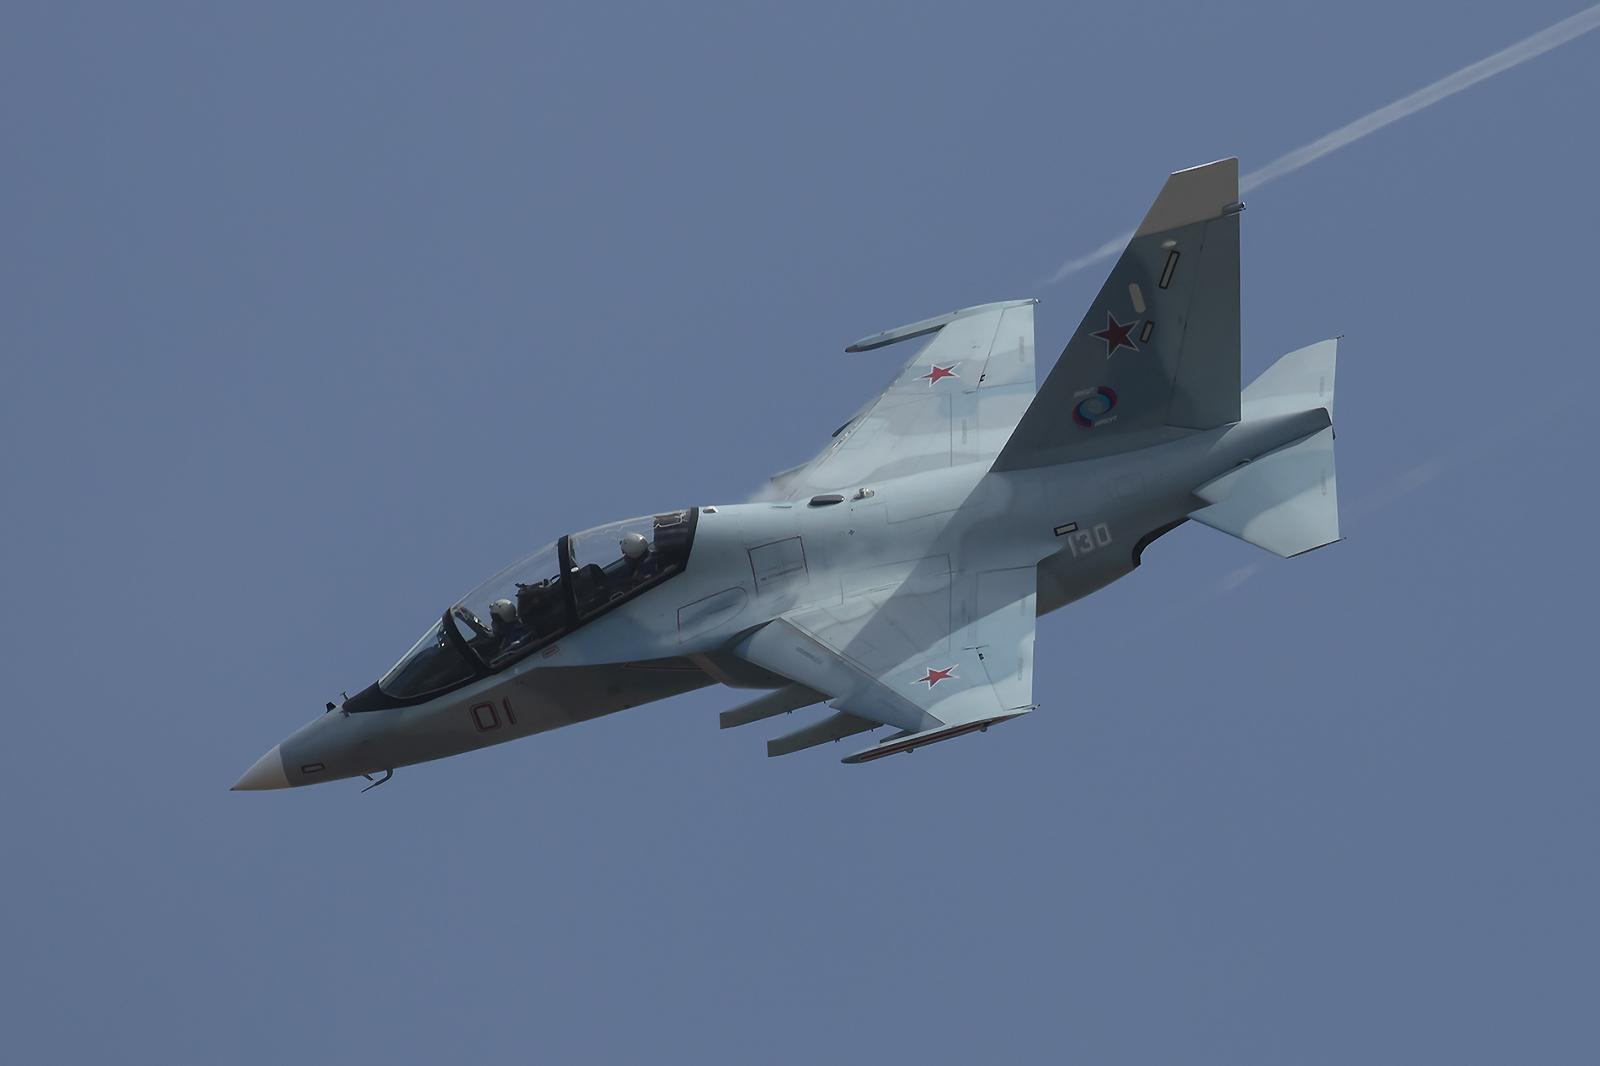 Nochmal die Yak-130, die schon aufgrund ihrer Größe schwer zu fotografieren ist.